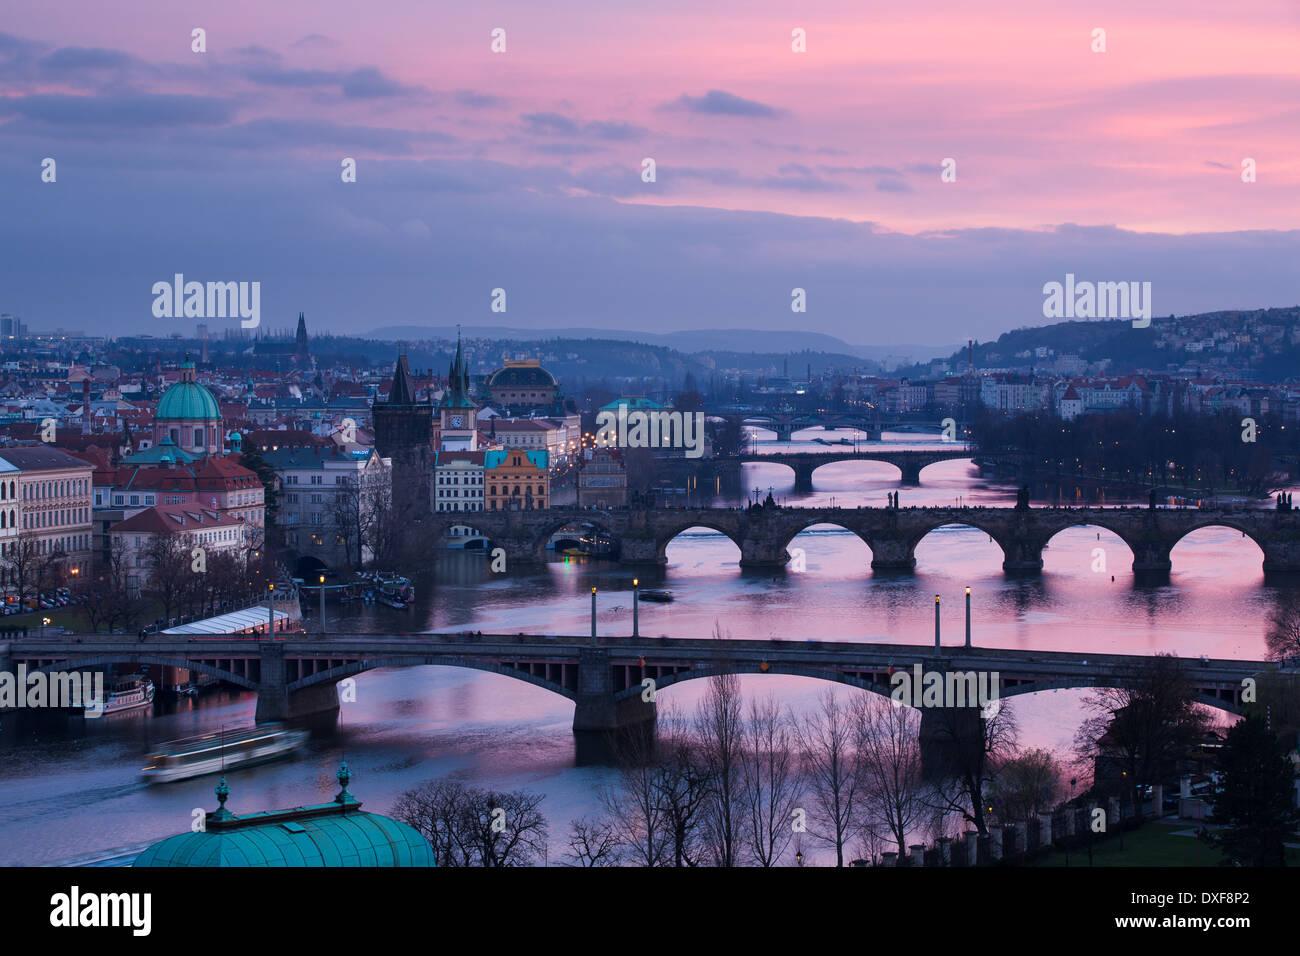 Las crines, Charles y Legion de puentes sobre el río Moldava Al atardecer, con el casco antiguo de la ciudad Imagen De Stock